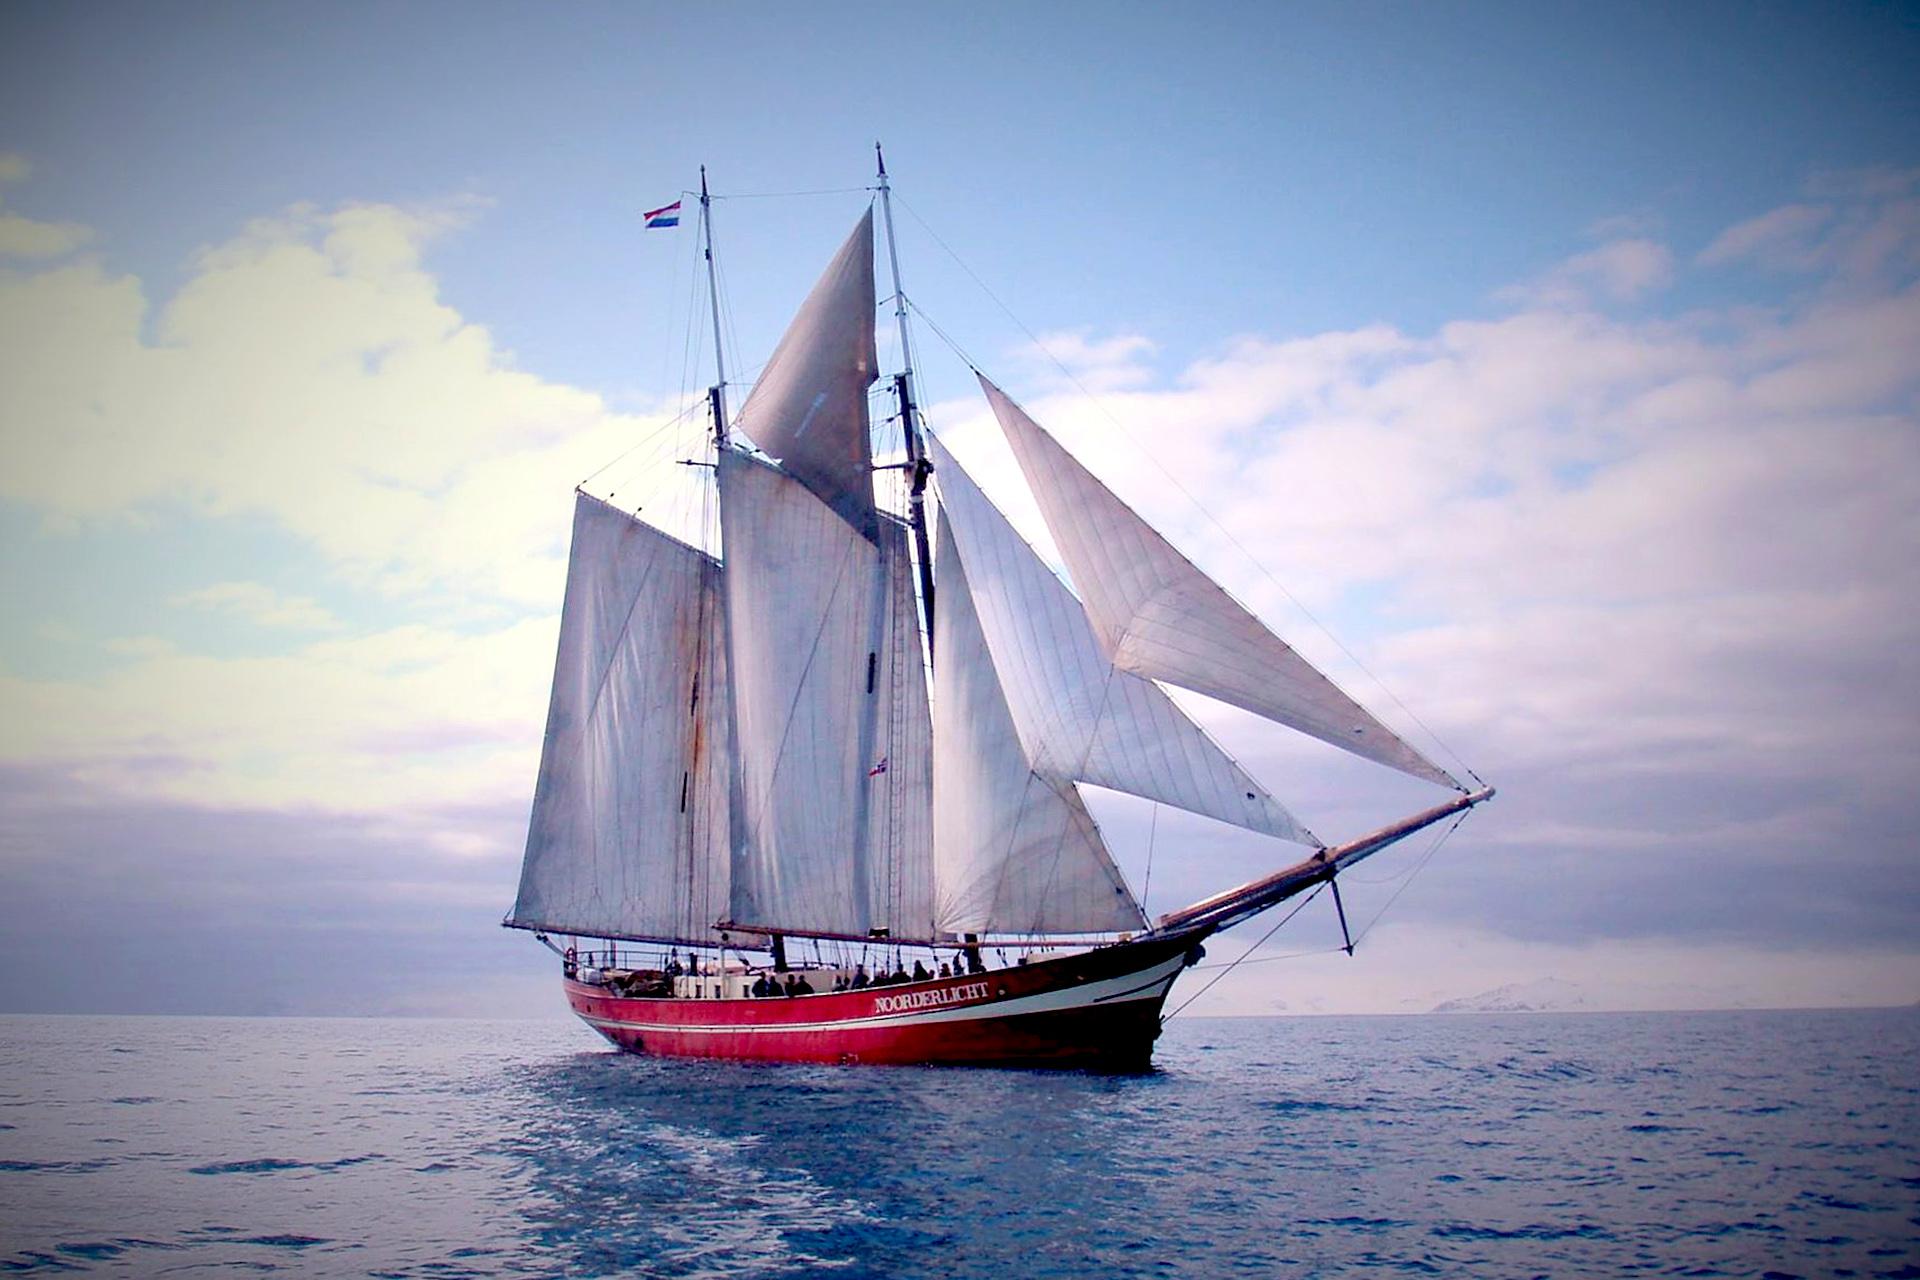 Noorderlicht-sailing-norway-full-sail